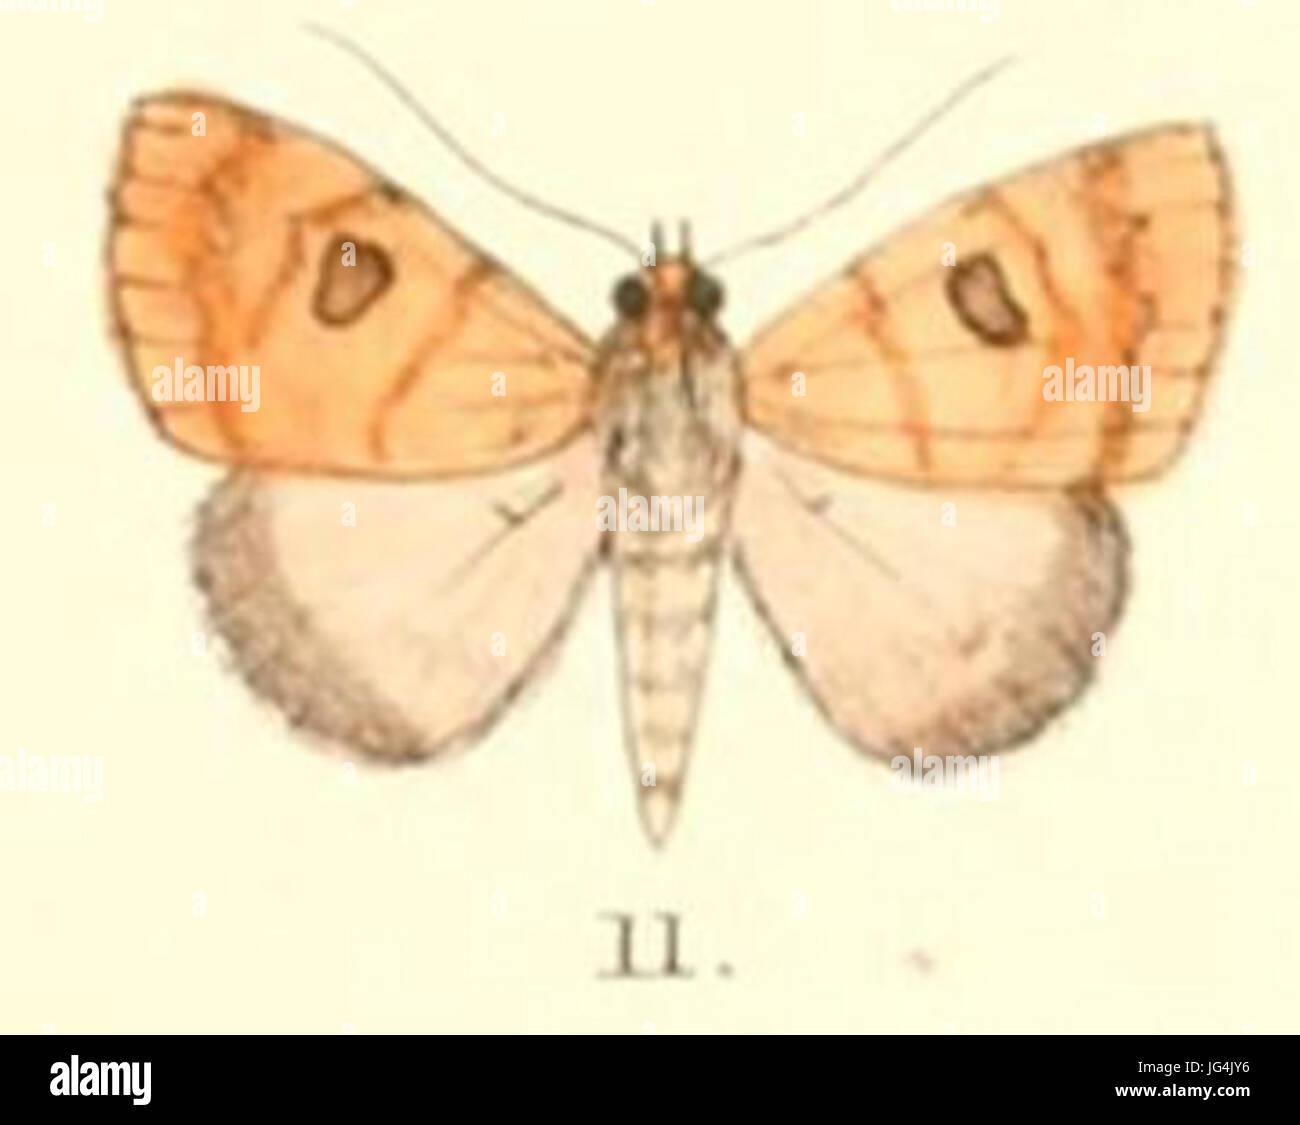 Pl.5-11-Plecoptera oculata 28Moore 188 9 28Poaphila29 - Stock Image